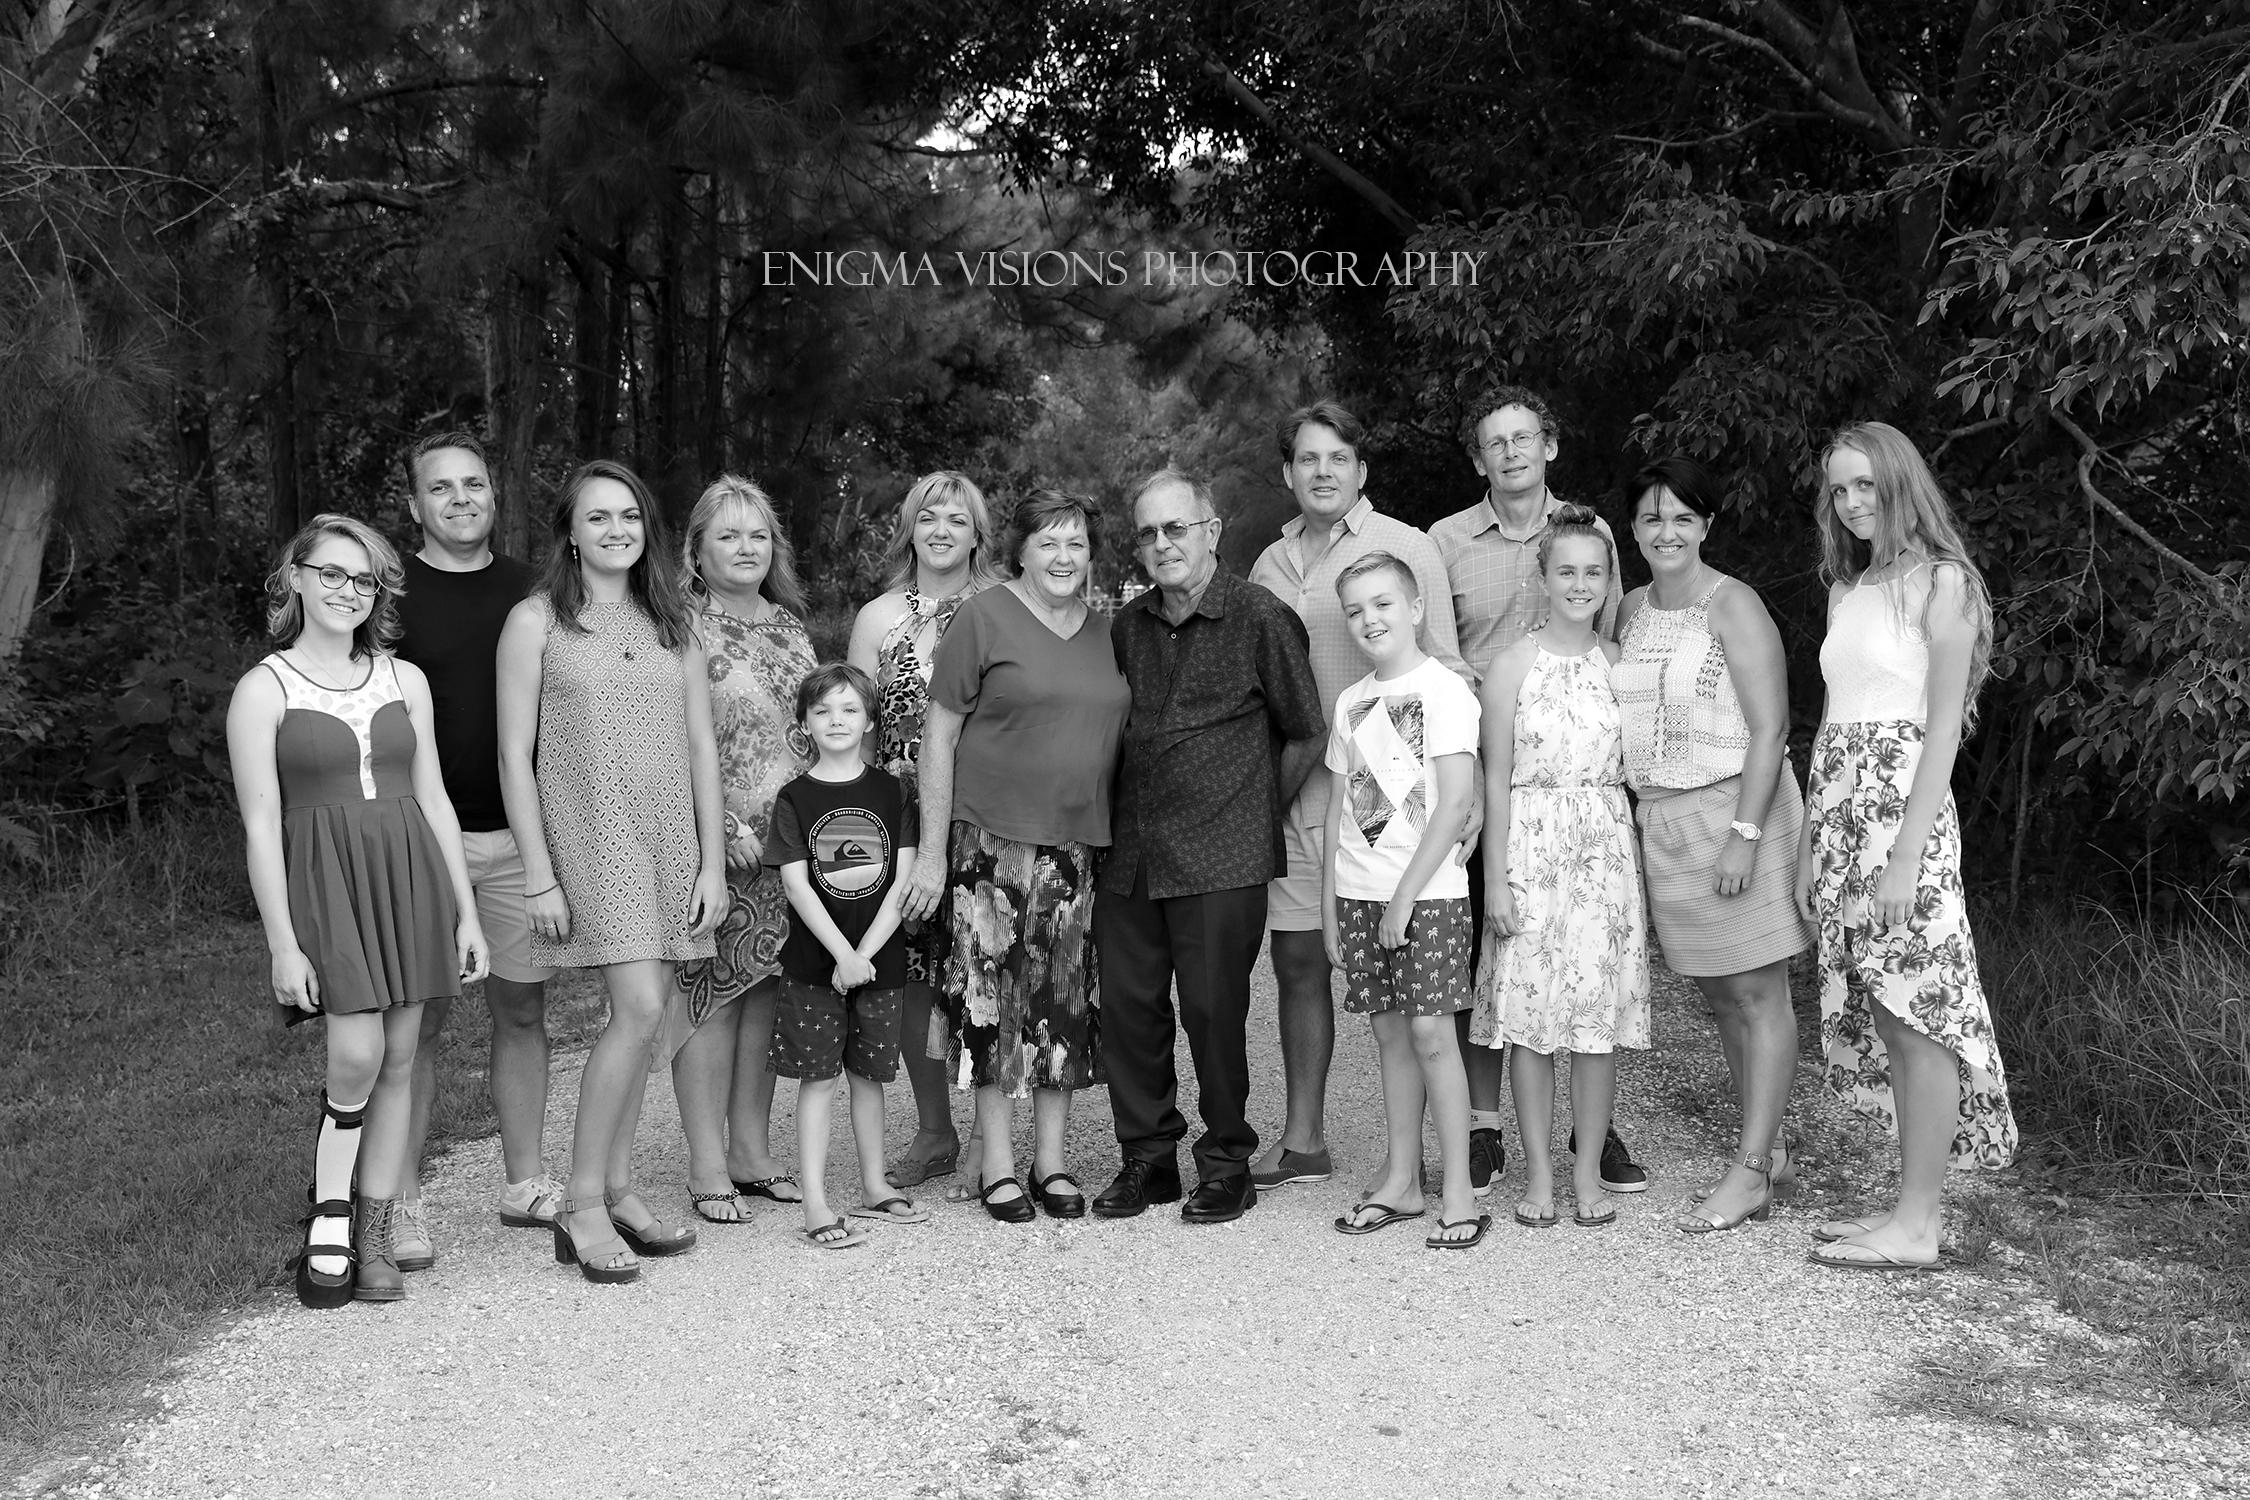 EnigmaVisionsPhotography_FAMILY_2_Kingscliff (17).jpg